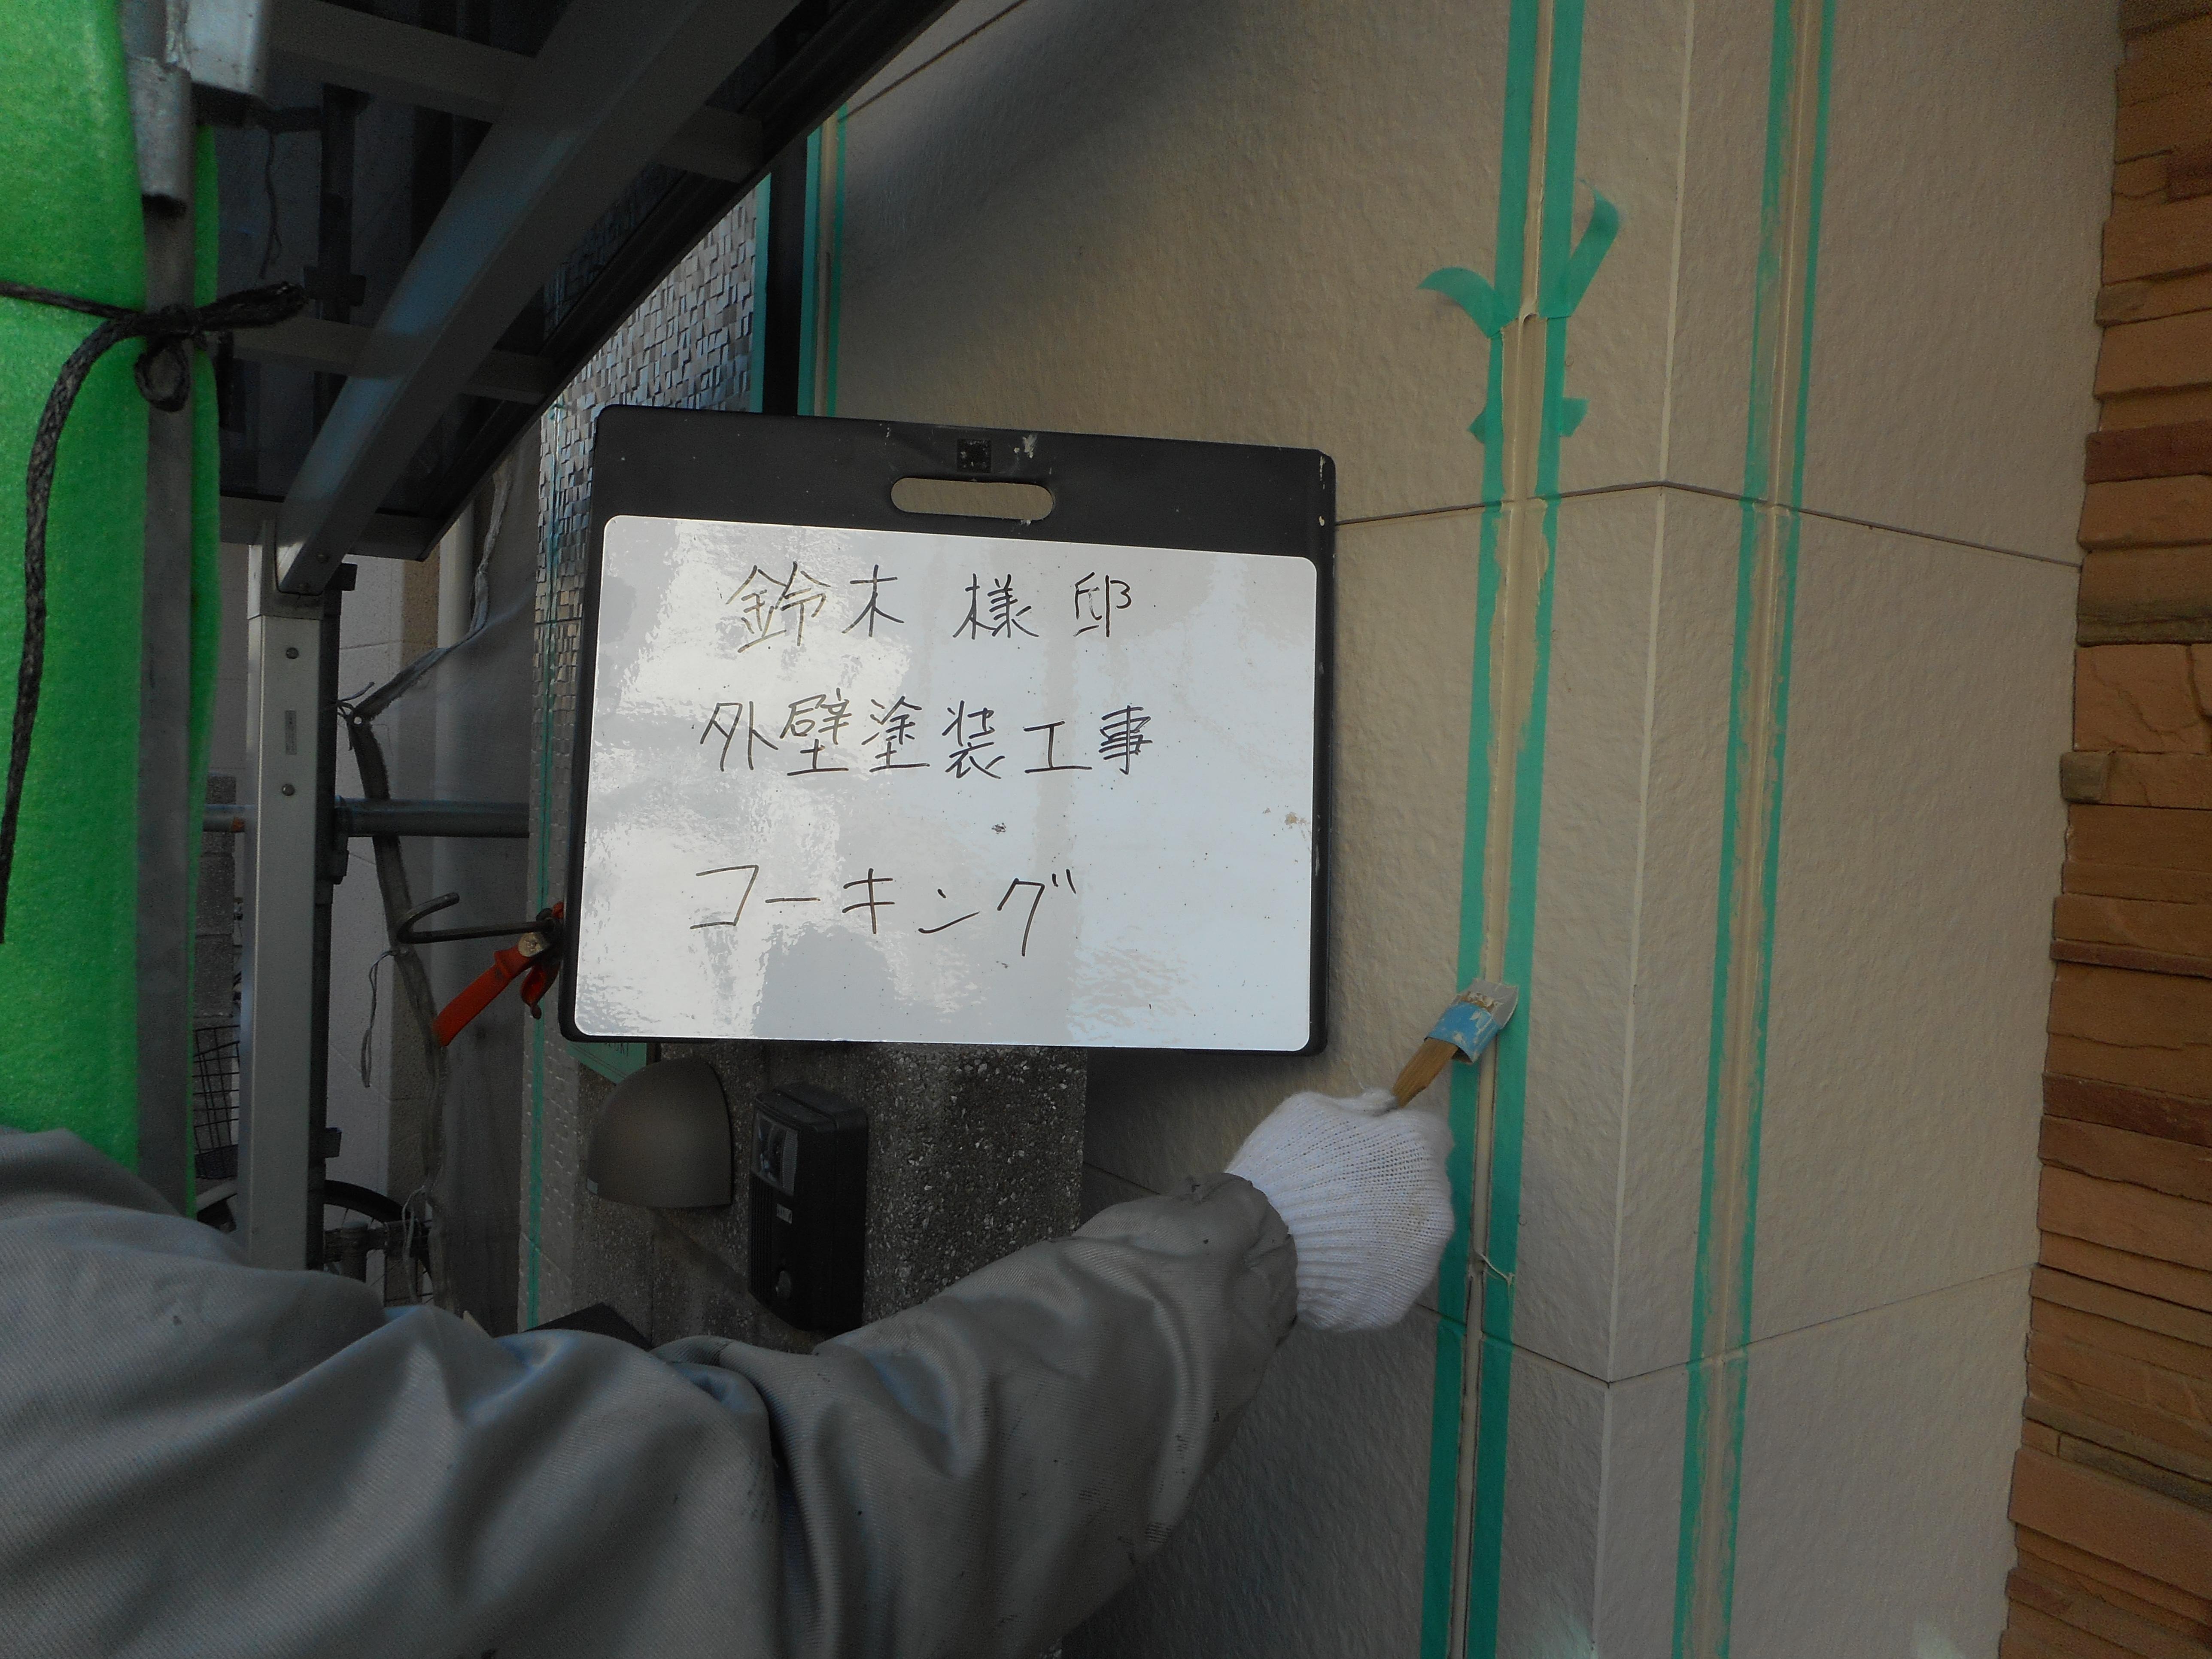 【川口市】外壁塗装&屋根専門店 カワグチペイントの外観写真 ⑥コーキング処理